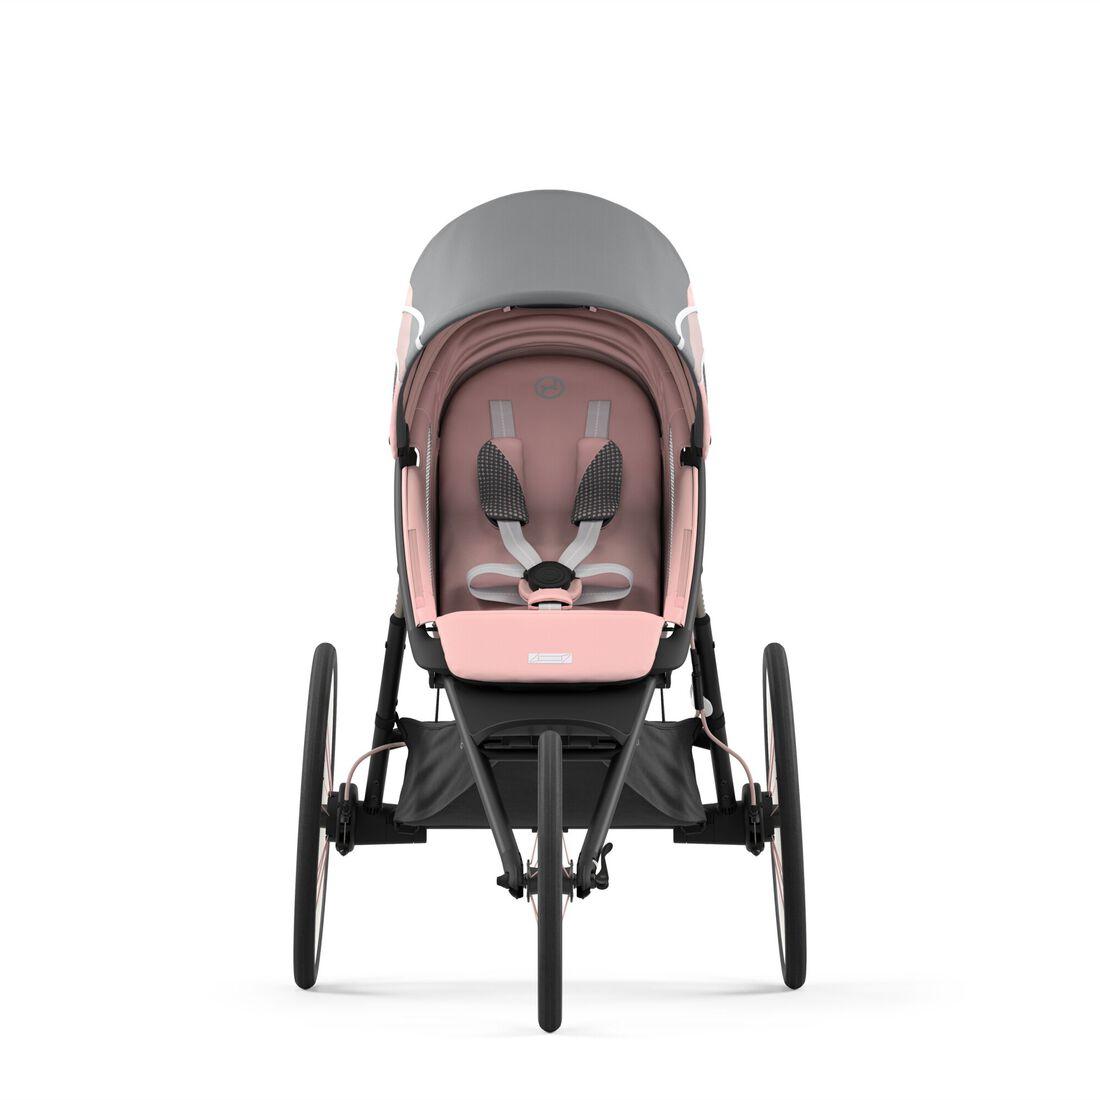 CYBEX Avi Rahmen - Schwarz mit pinken Details in Black With Pink Details large Bild 3